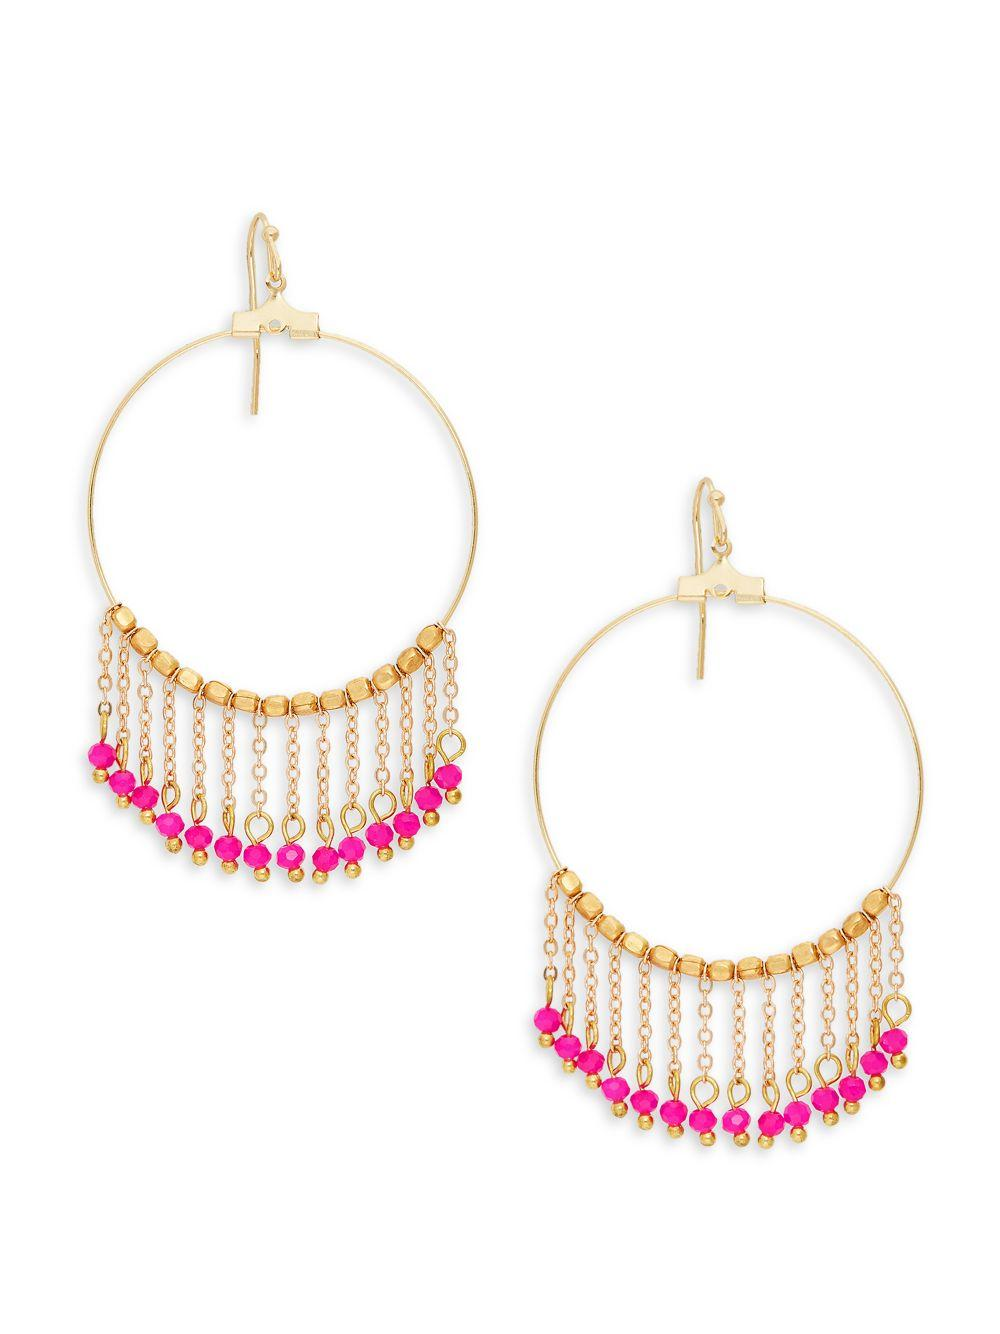 7379c79241485 Women's Pink Goldplated Crystal Chain Tassel Hoop Earrings